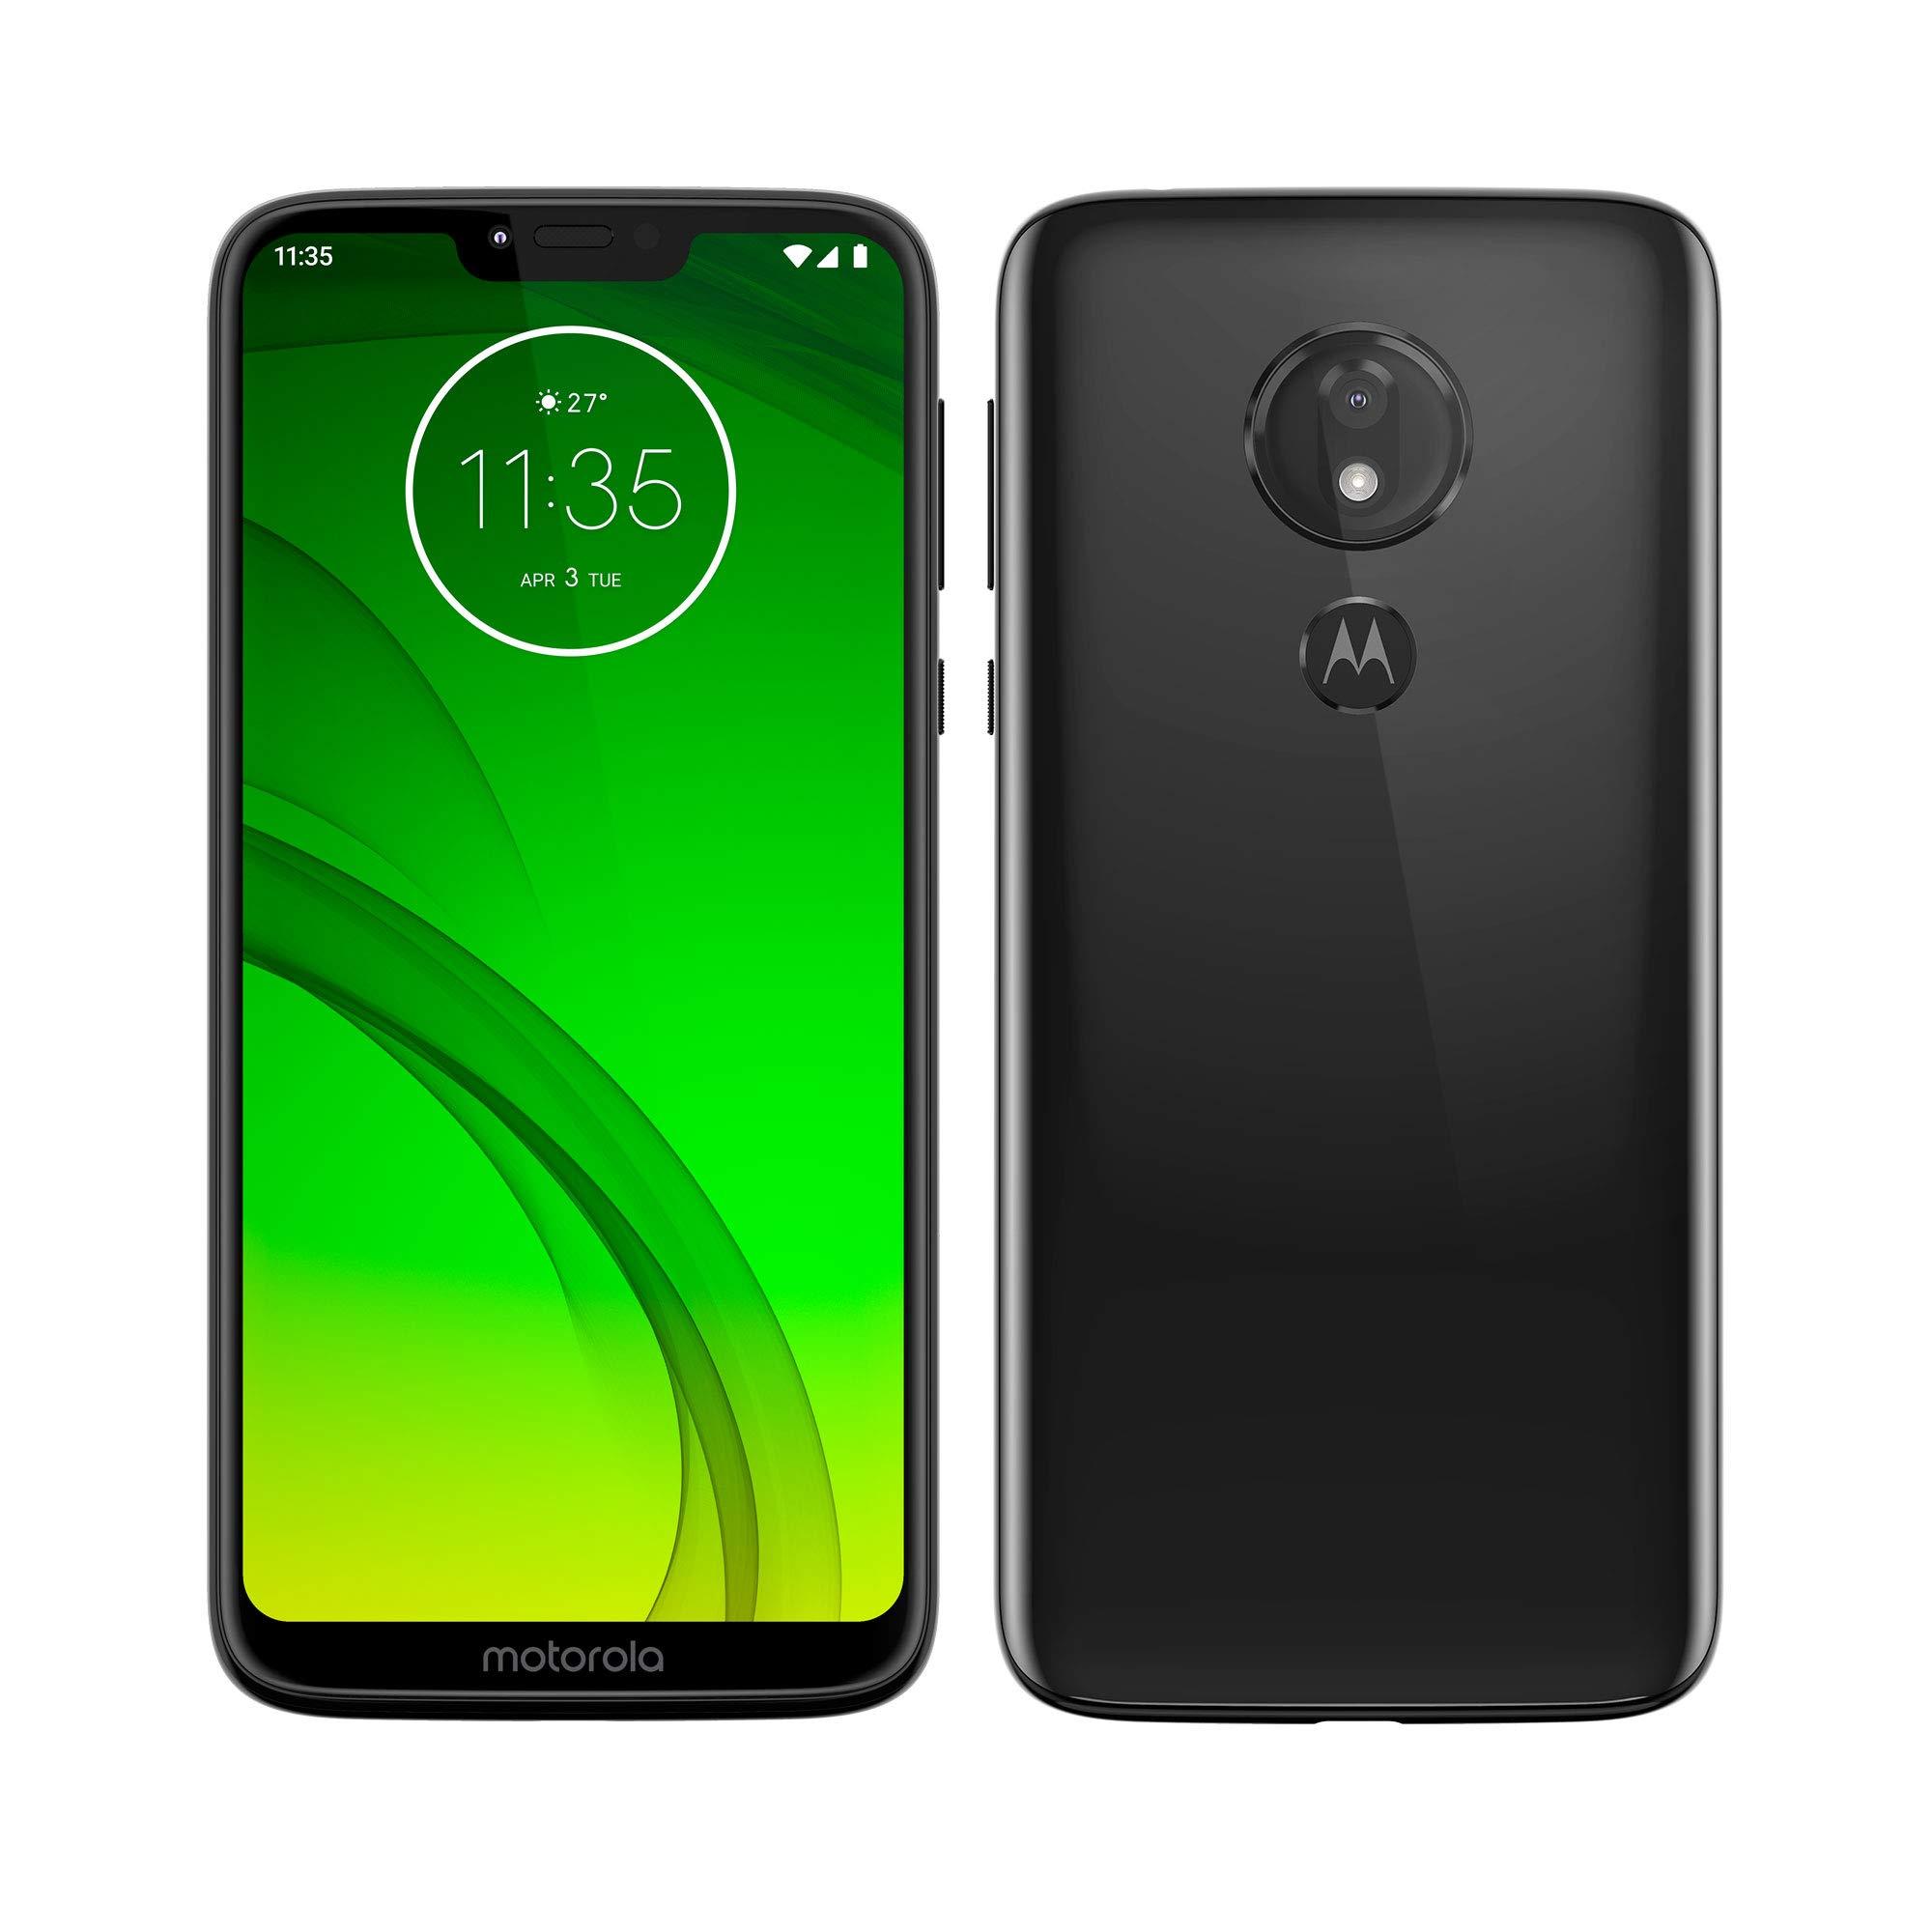 Motorola Moto G7 Power – Smartphone Android 9 (batería 5000 mah, pantalla 6.2 HD+ Max Vision, camaras 12MP y 8MP, 4GB RAM, 64 GB, Dual SIM, color negro [Version española]: Motorola: Amazon.es: Electrónica